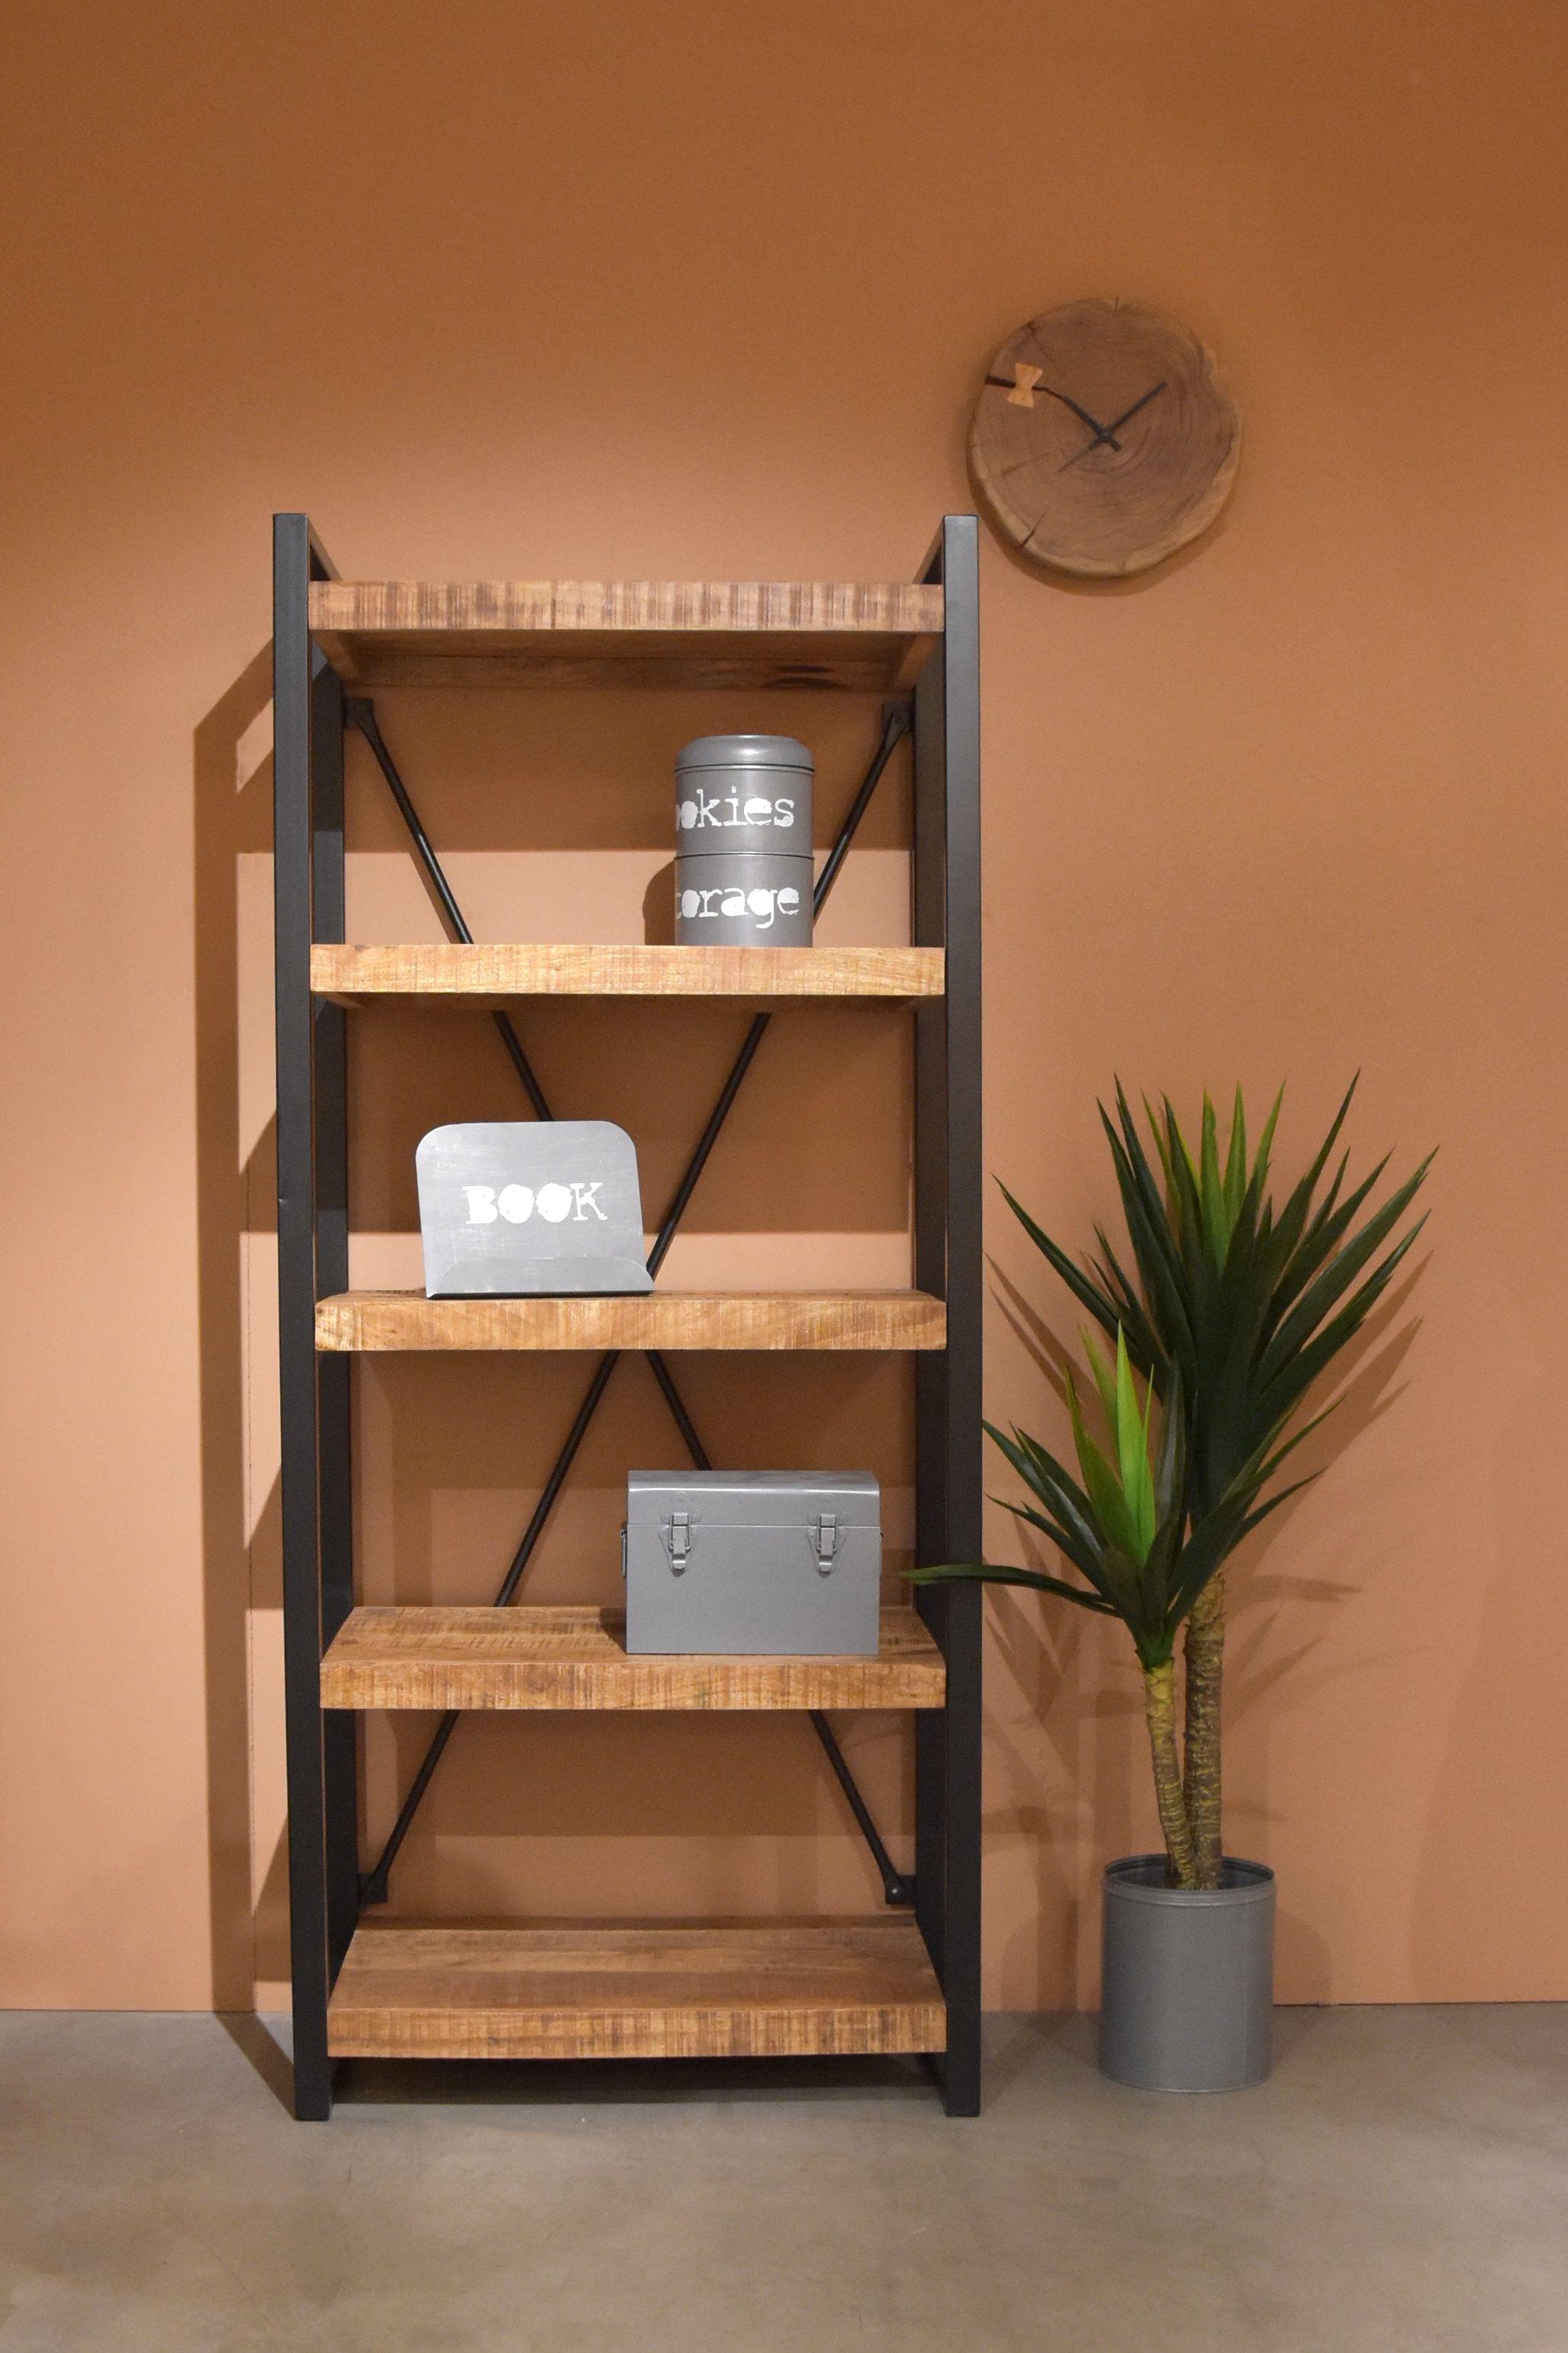 boekenkast brussel van label51 is met zijn ruwe mango houten